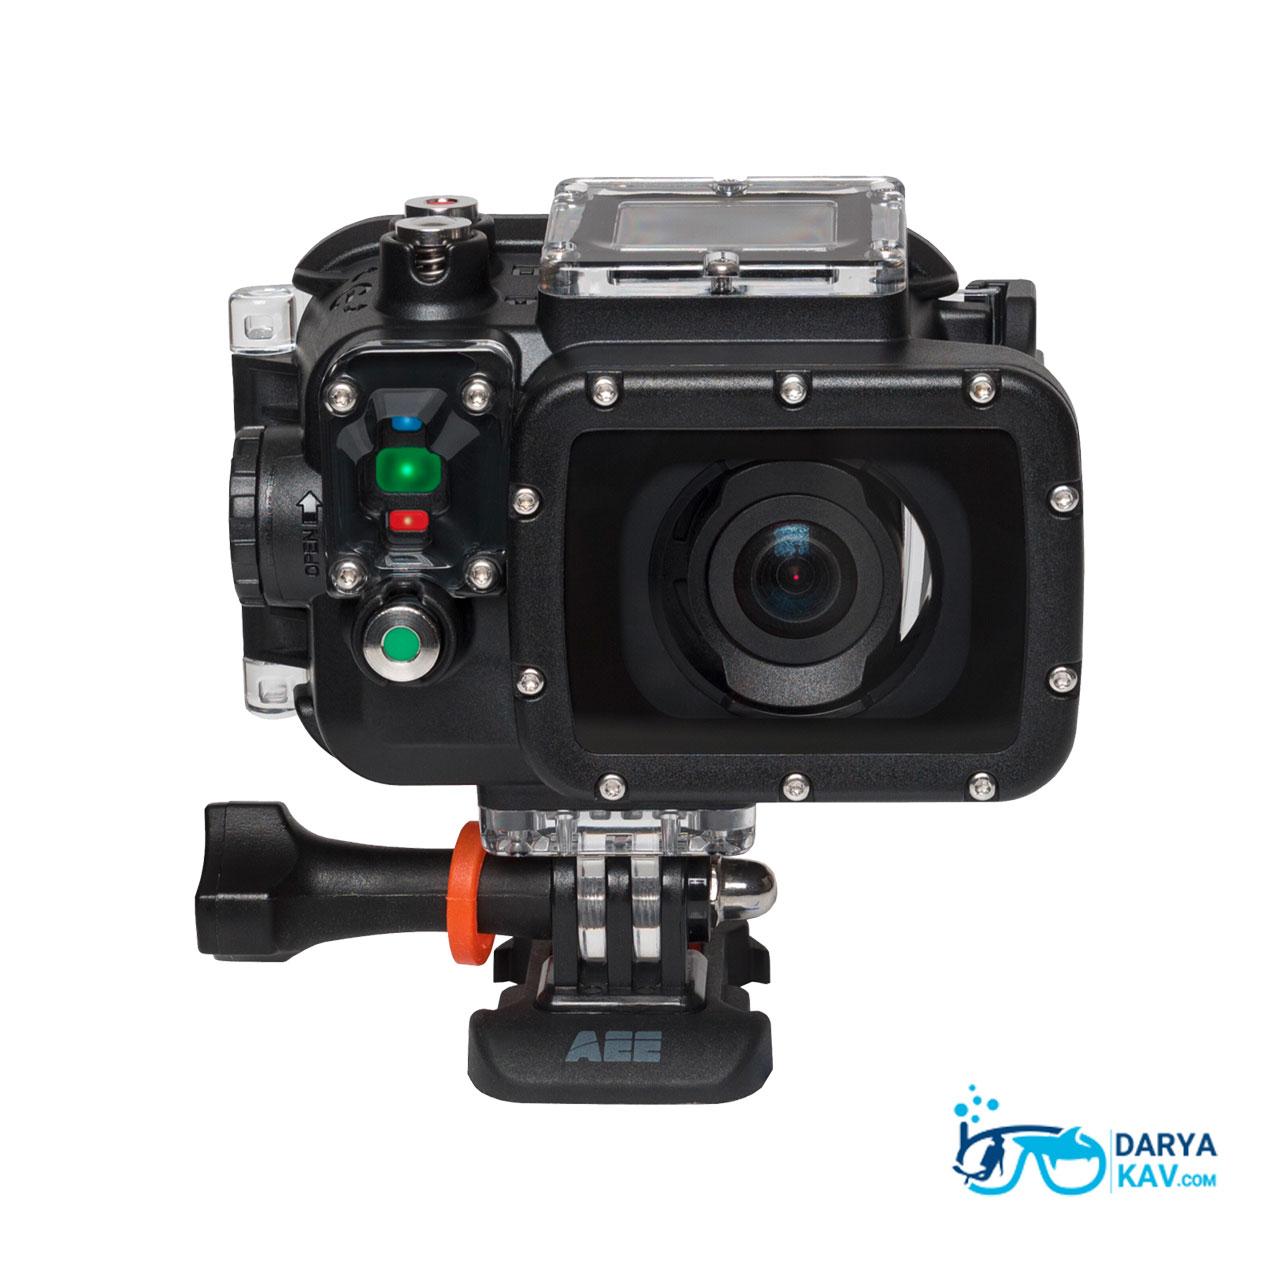 دوربین فیلمبرداری زیر آب AEE S71 T PLUS